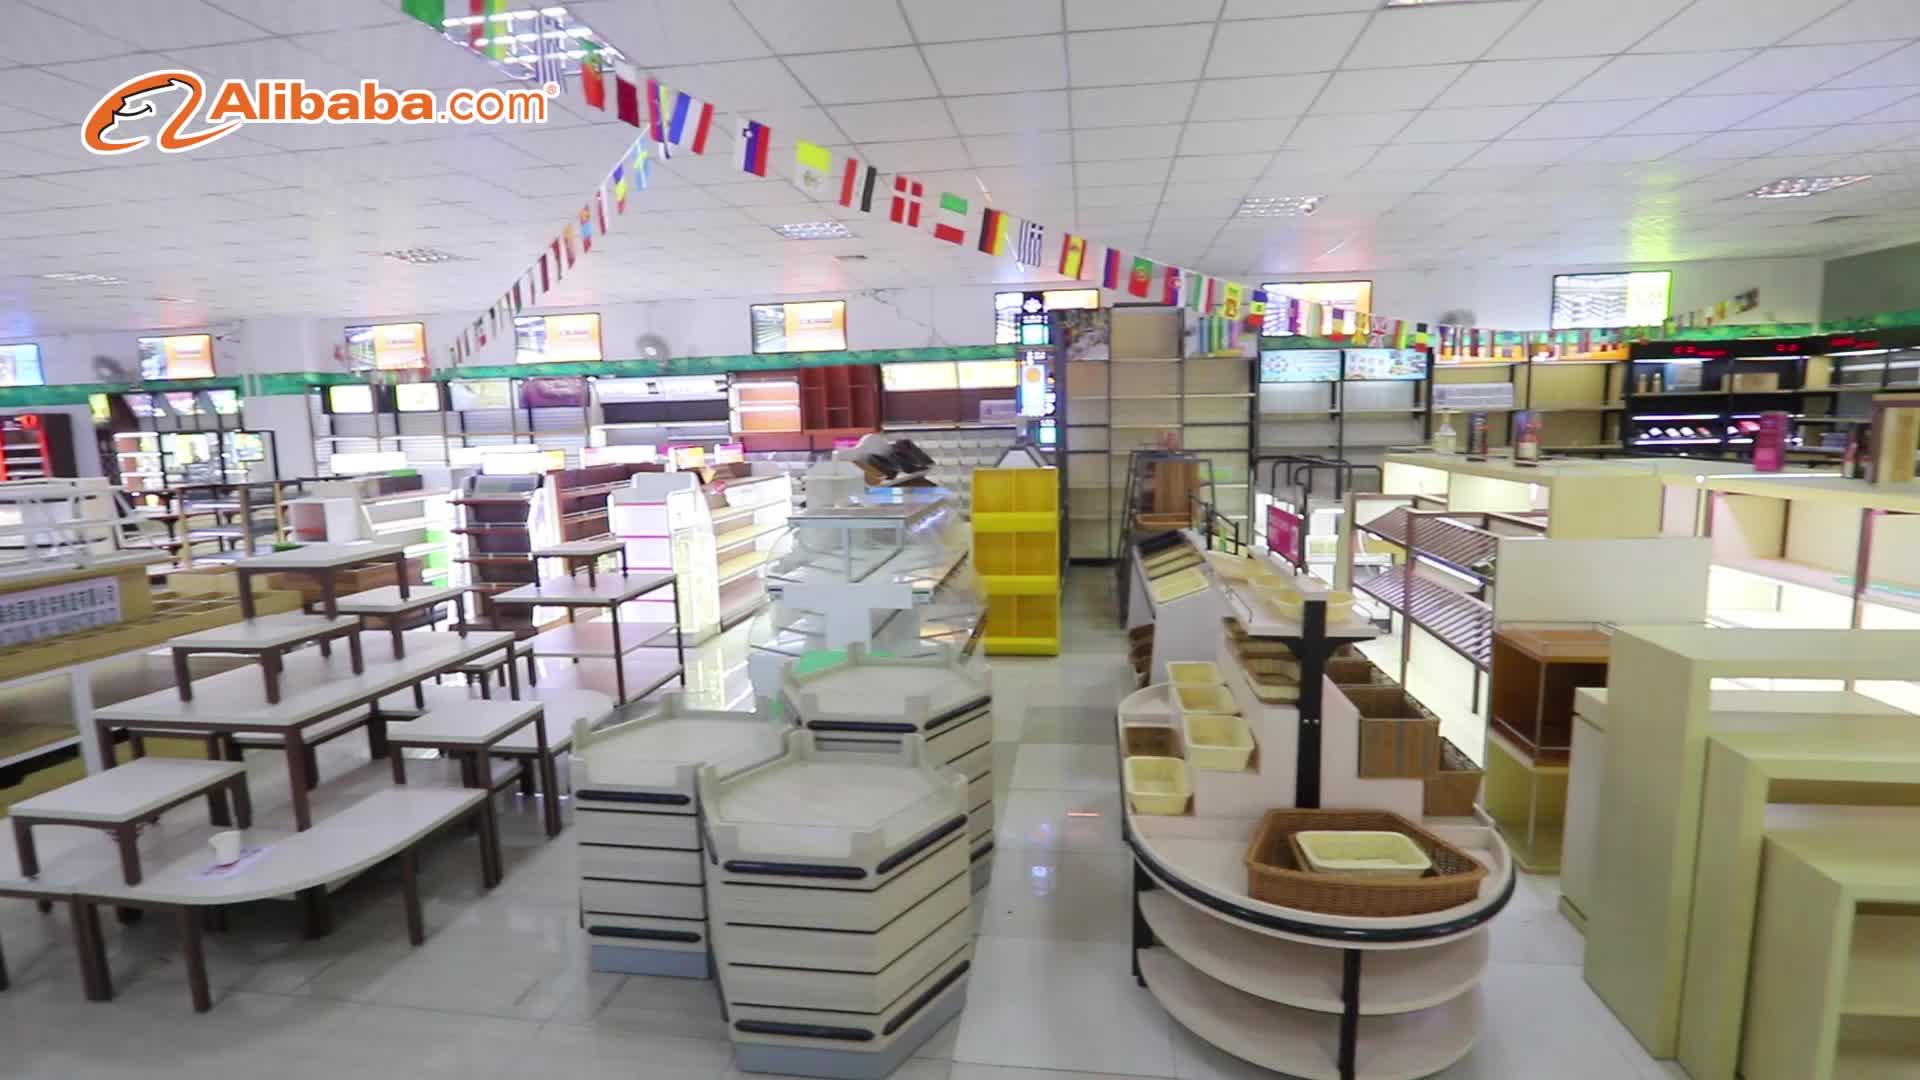 מודרני חנות נוחות חנות מרקחת מדף האם וילד מפואר תצוגת חנות